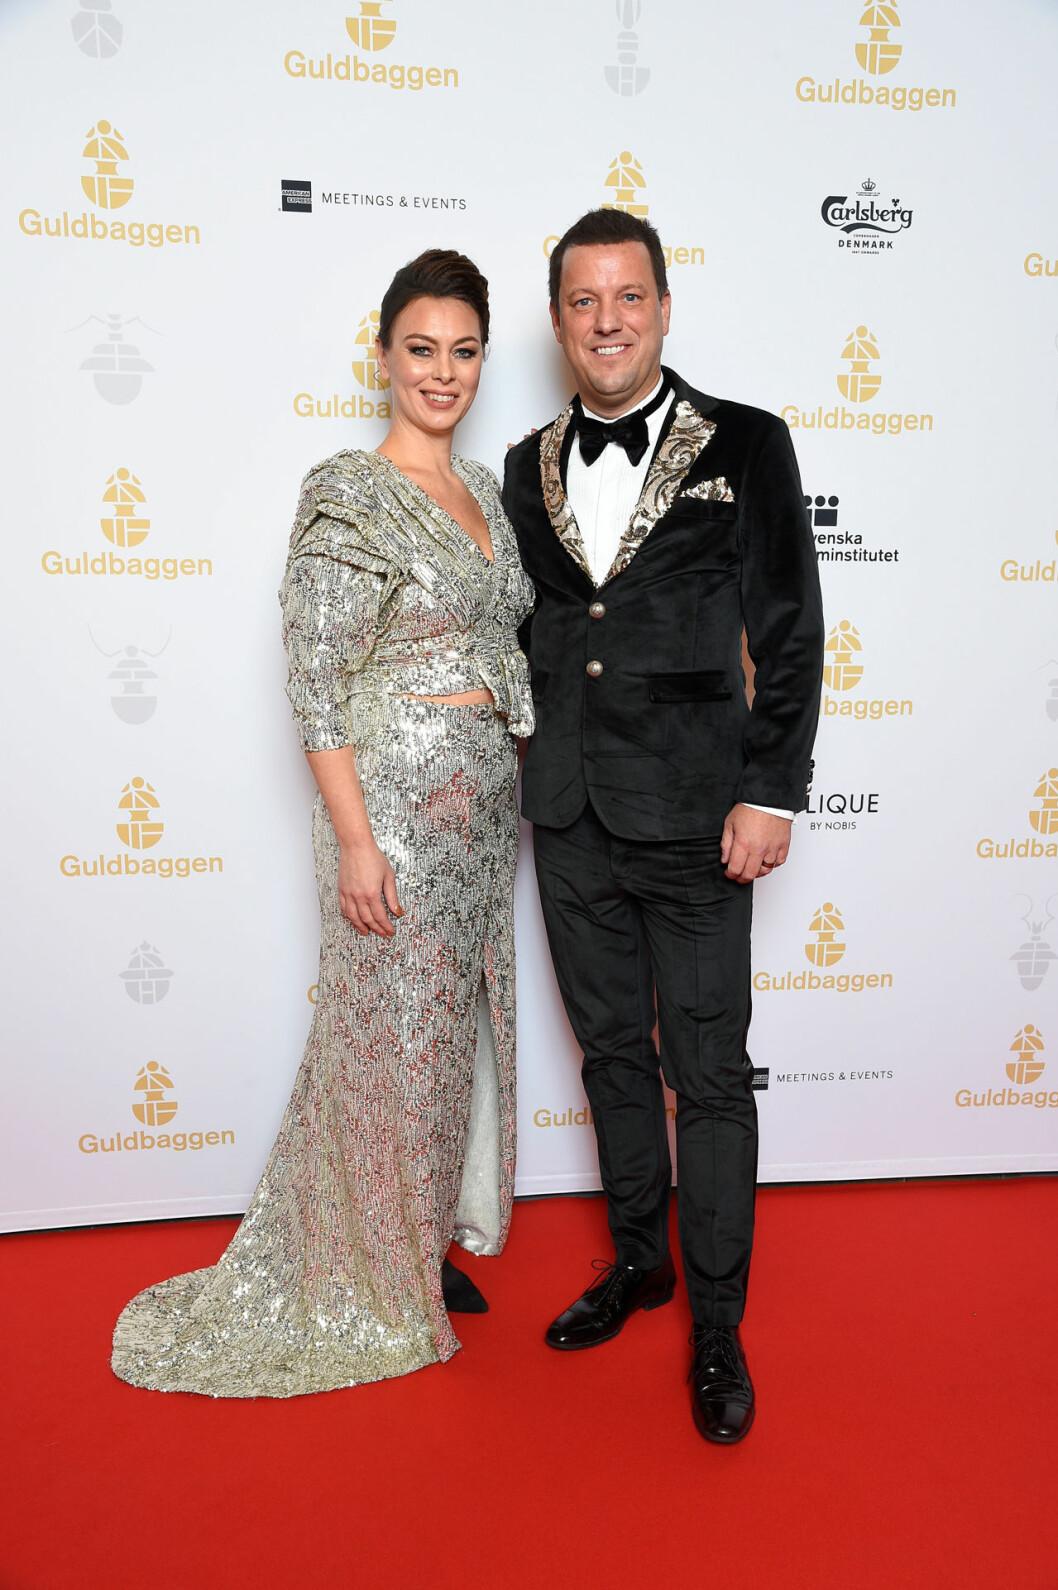 Mia Jorpes och Mikael Löfstrand på röda mattan på GUldbaggegalan 2020